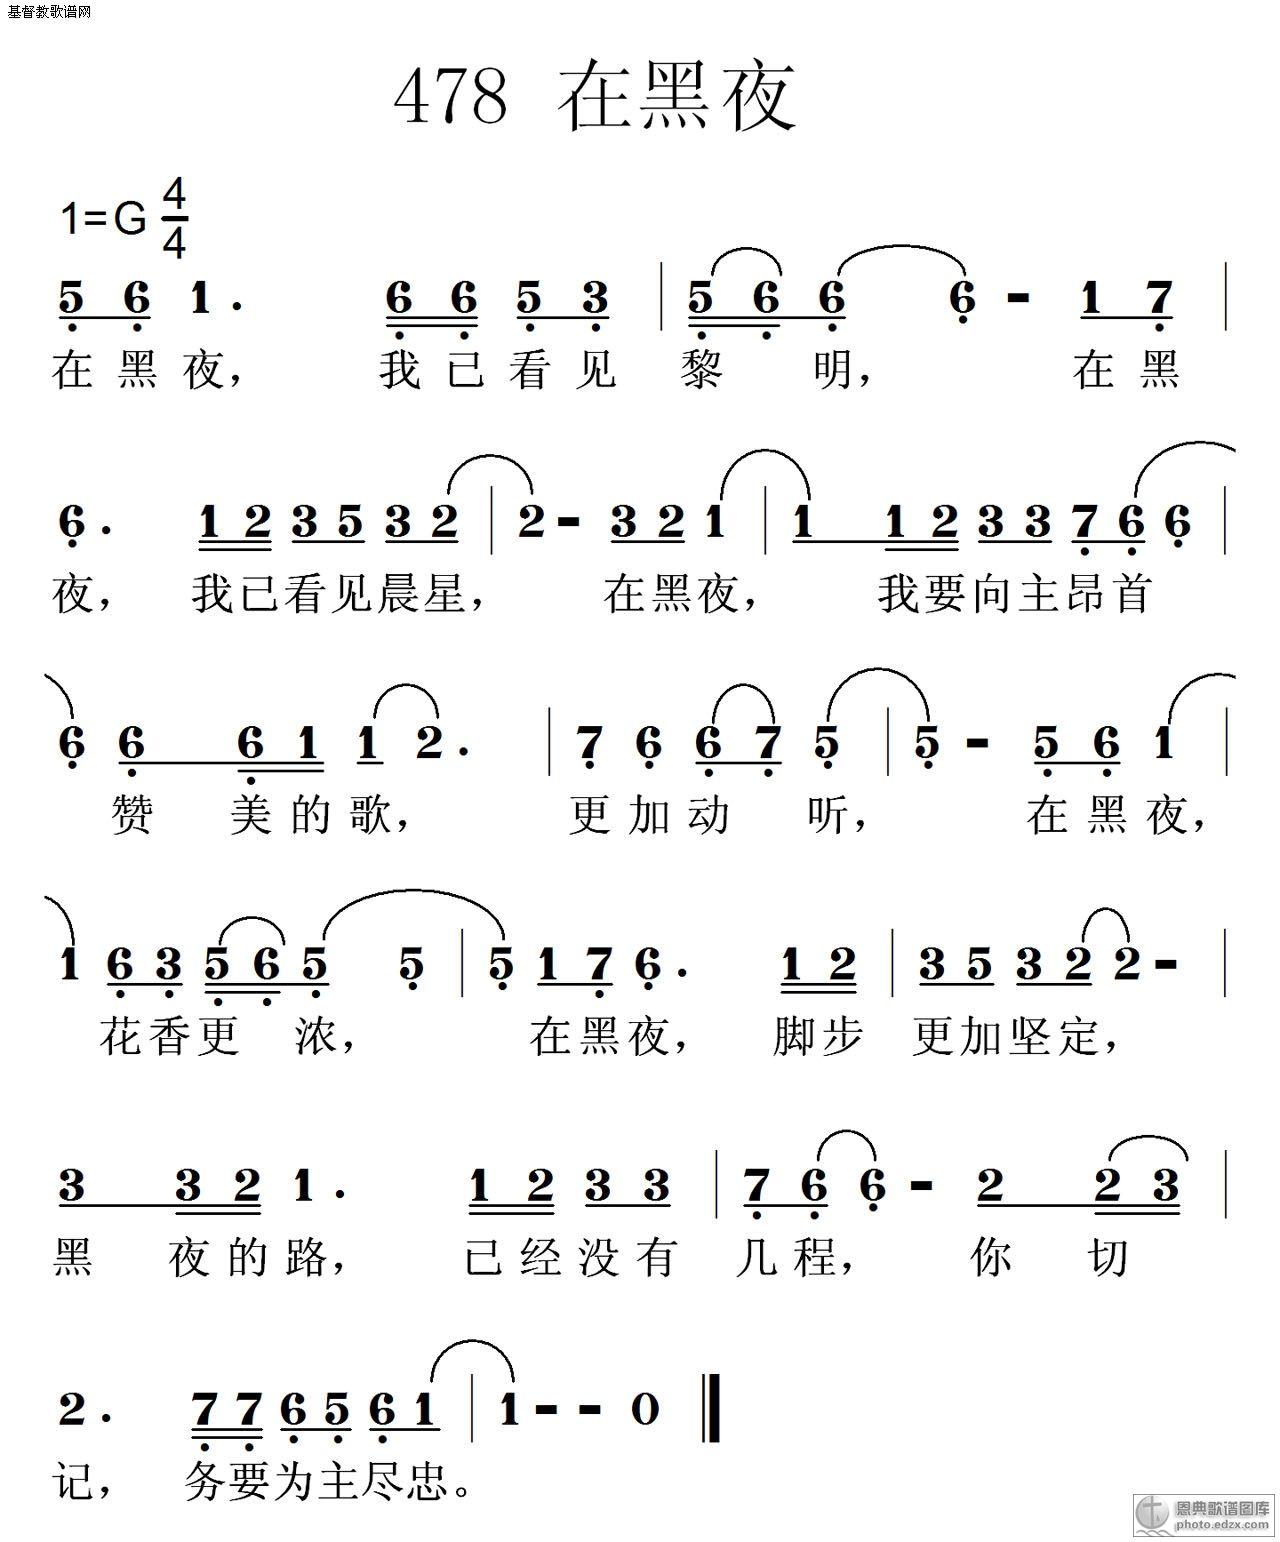 风雅十二诗谱-<IMG>作者:小仆人 来源:基督教网络收集高清图片